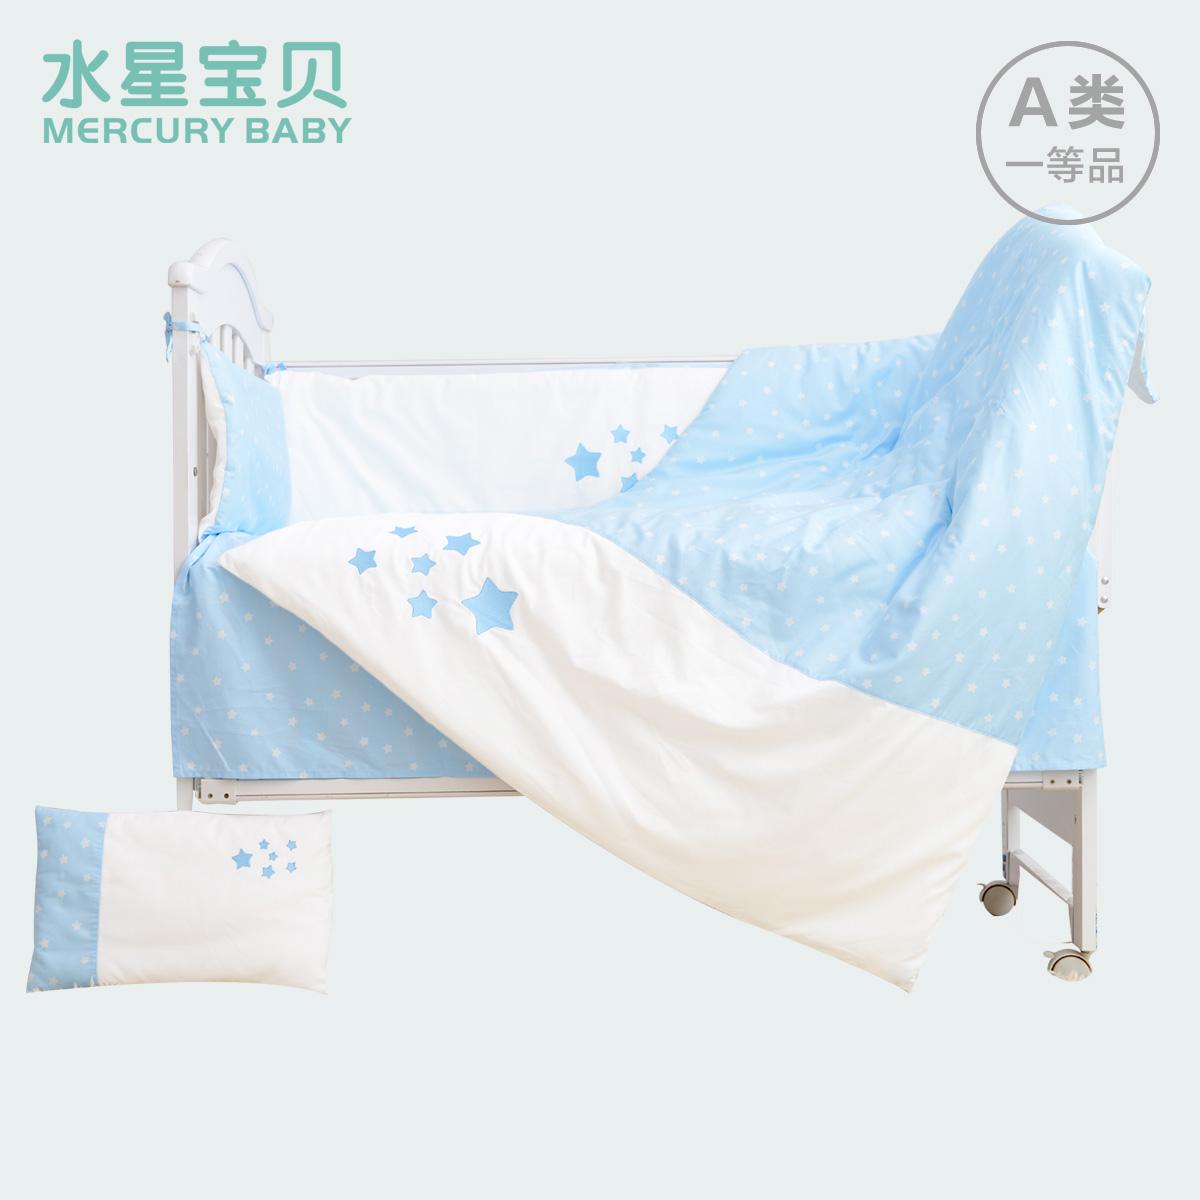 Вода звезда домой спин кровать для младенца использование статья тринадцать наборы новорожденных хлопок Baby ожидание звезда